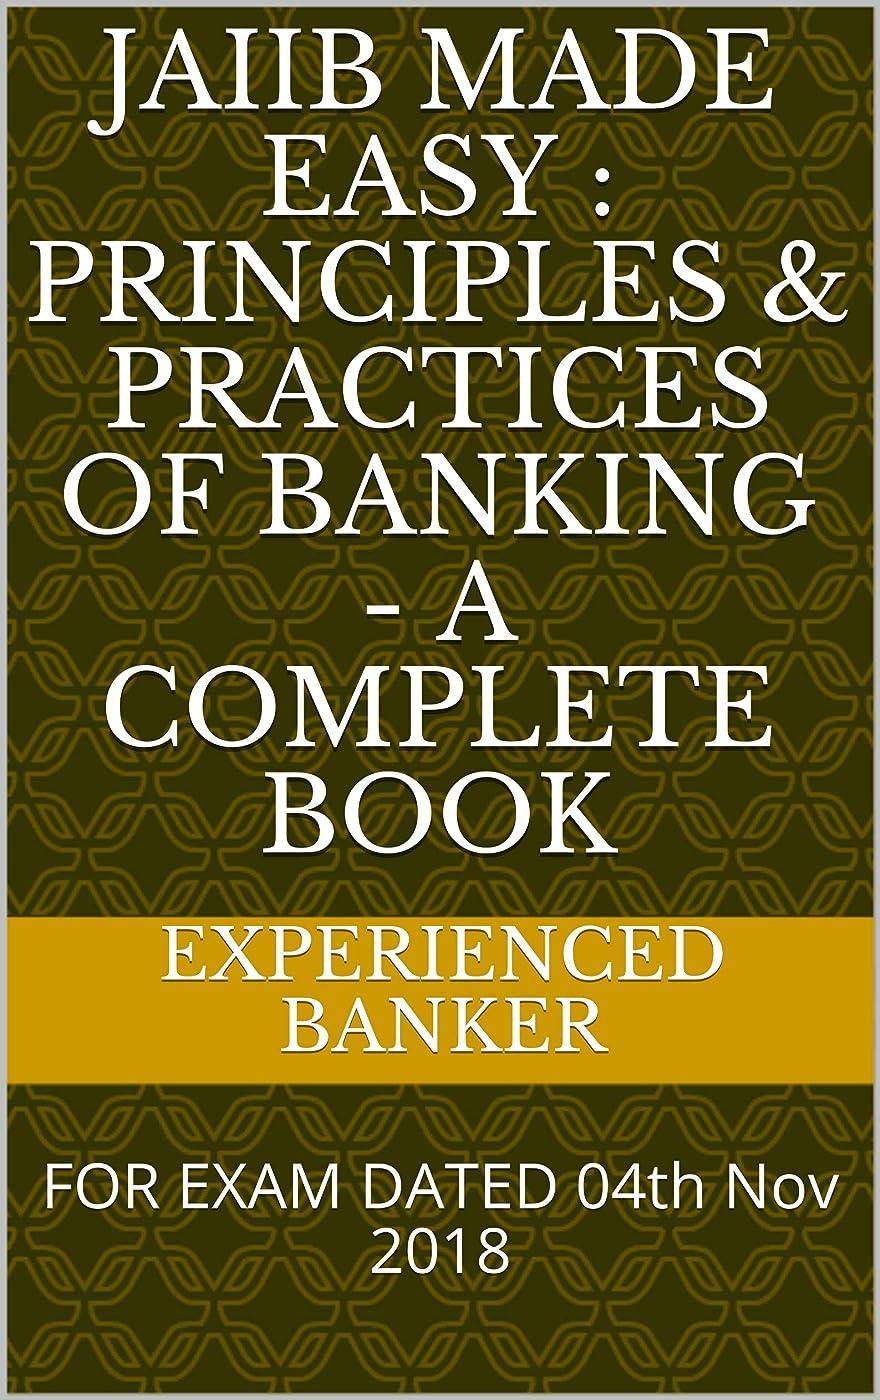 死んでいる加速度個人的なJAIIB MADE EASY : PRINCIPLES & PRACTICES OF BANKING - A COMPLETE BOOK: FOR EXAM DATED 04th Nov 2018 (English Edition)